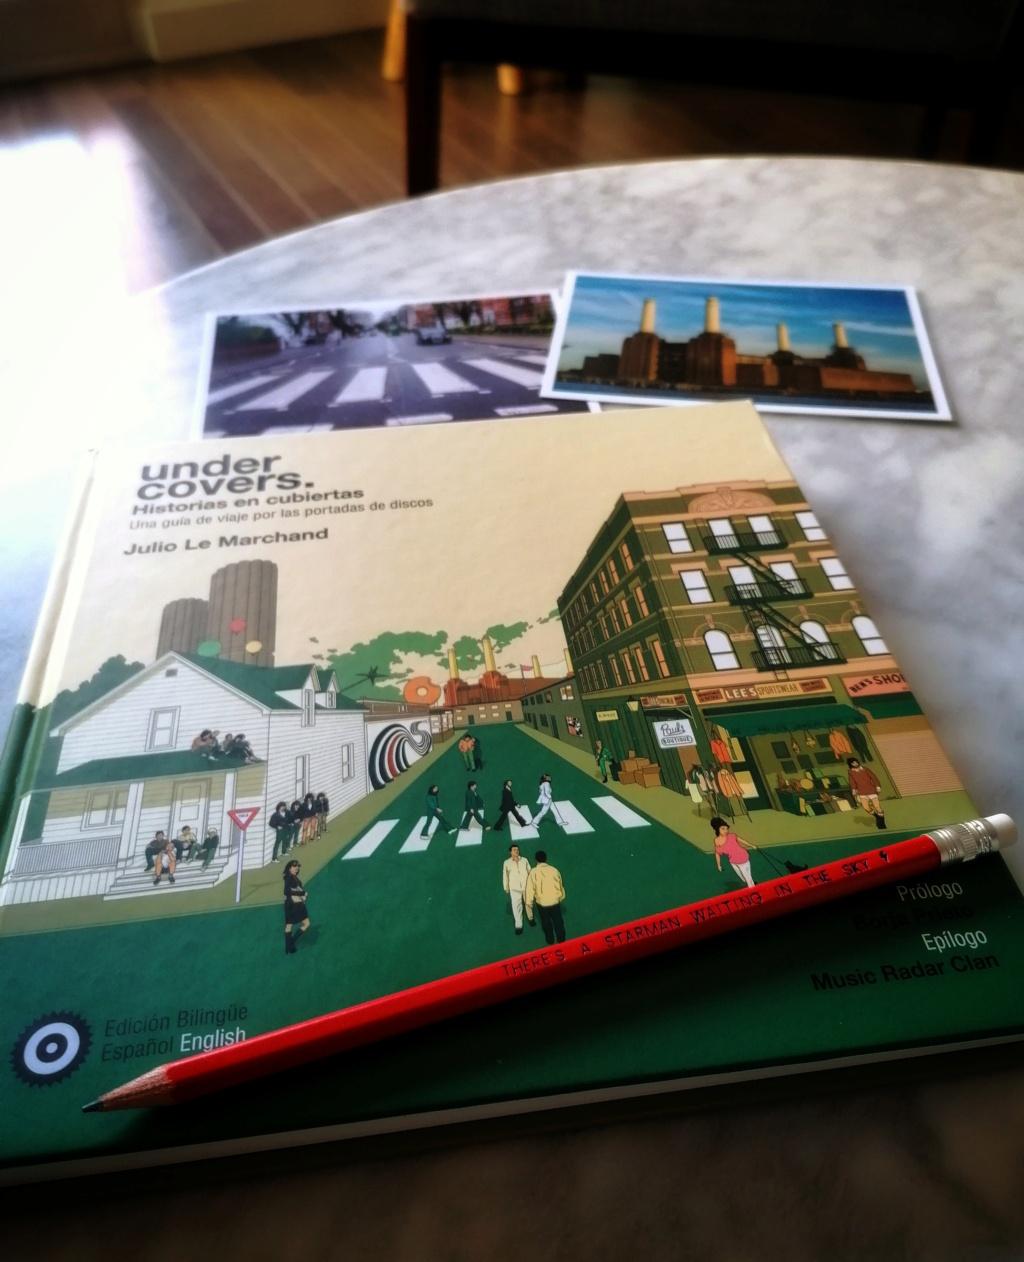 NUEVO LIBRO - Under Covers: Historias en cubiertas (Una guía de viaje por las portadas de discos) - Página 5 Img_2010